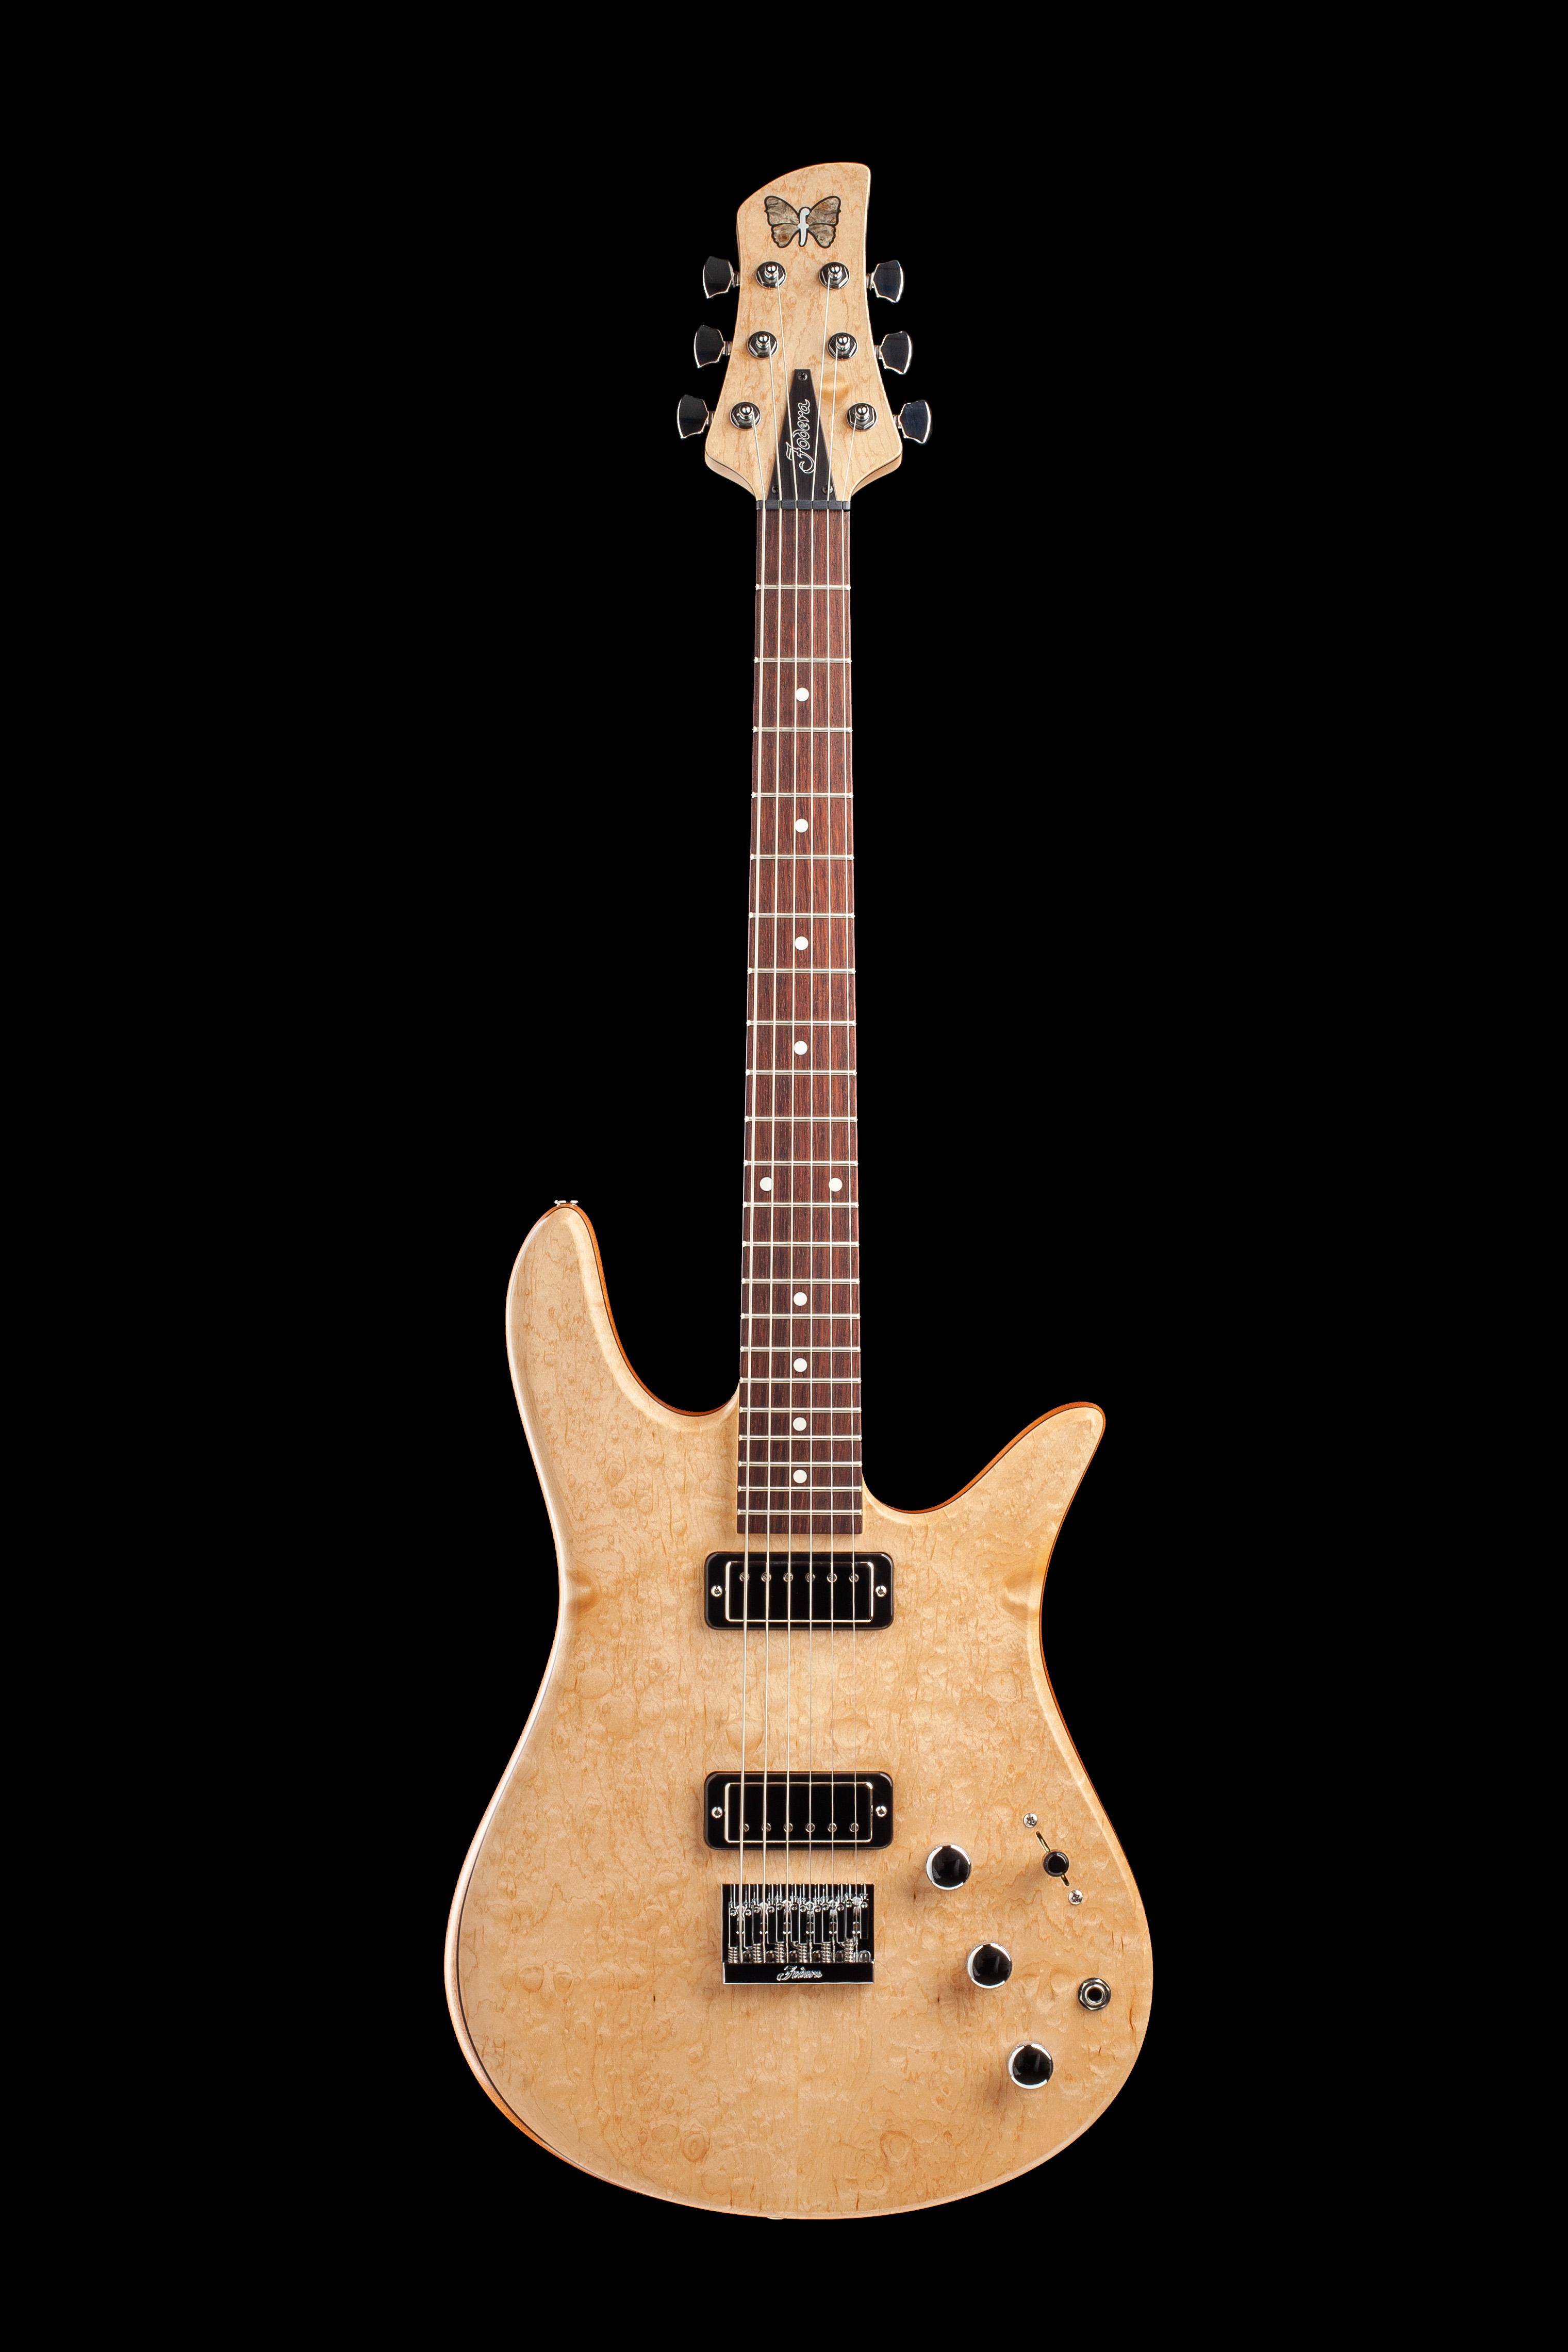 Full Fodera Bass Guitar